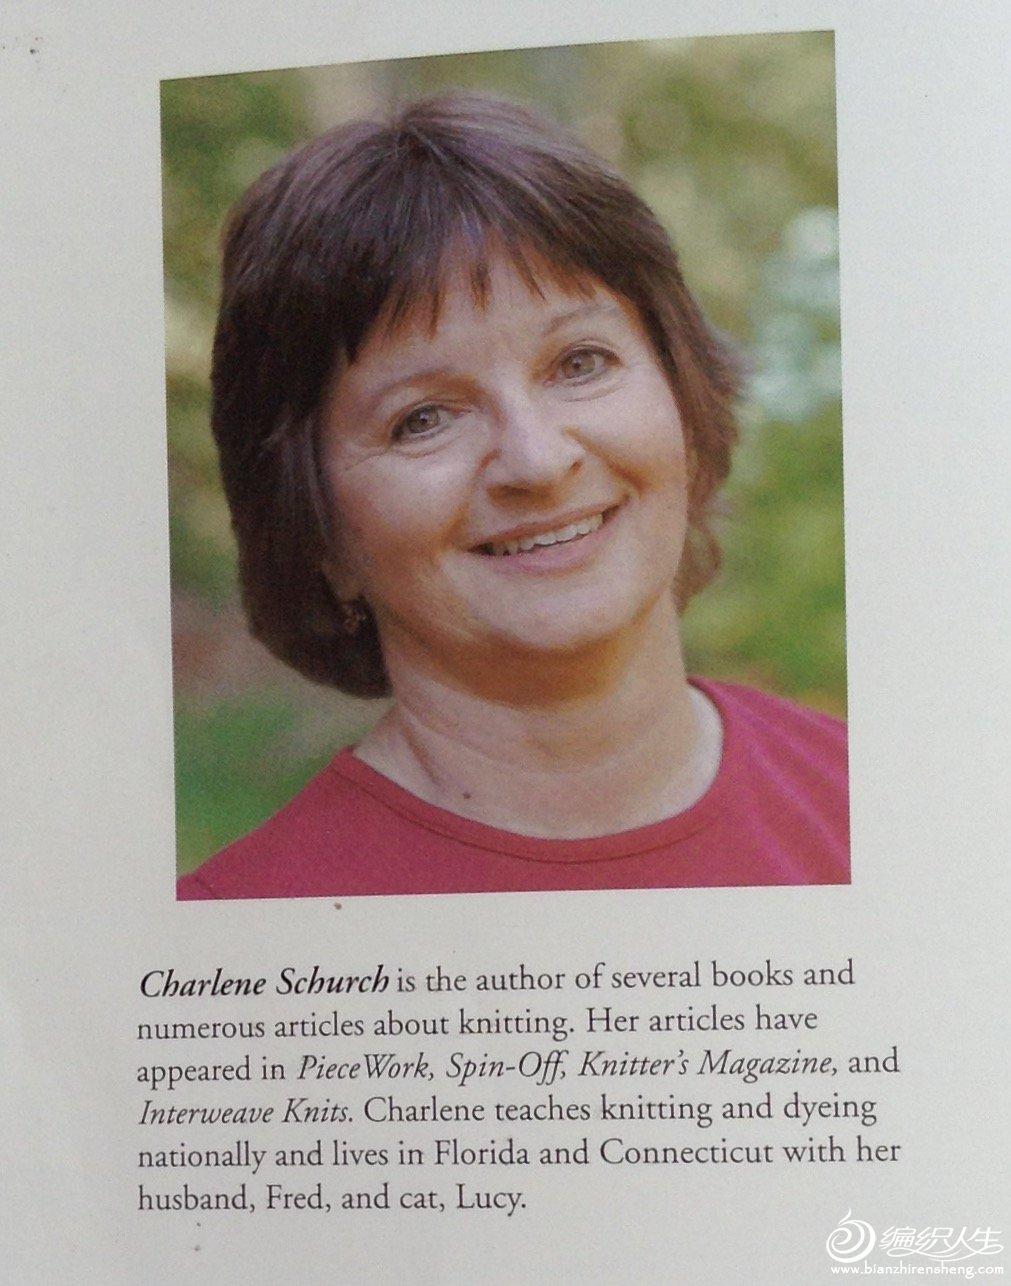 Charlene Schurch